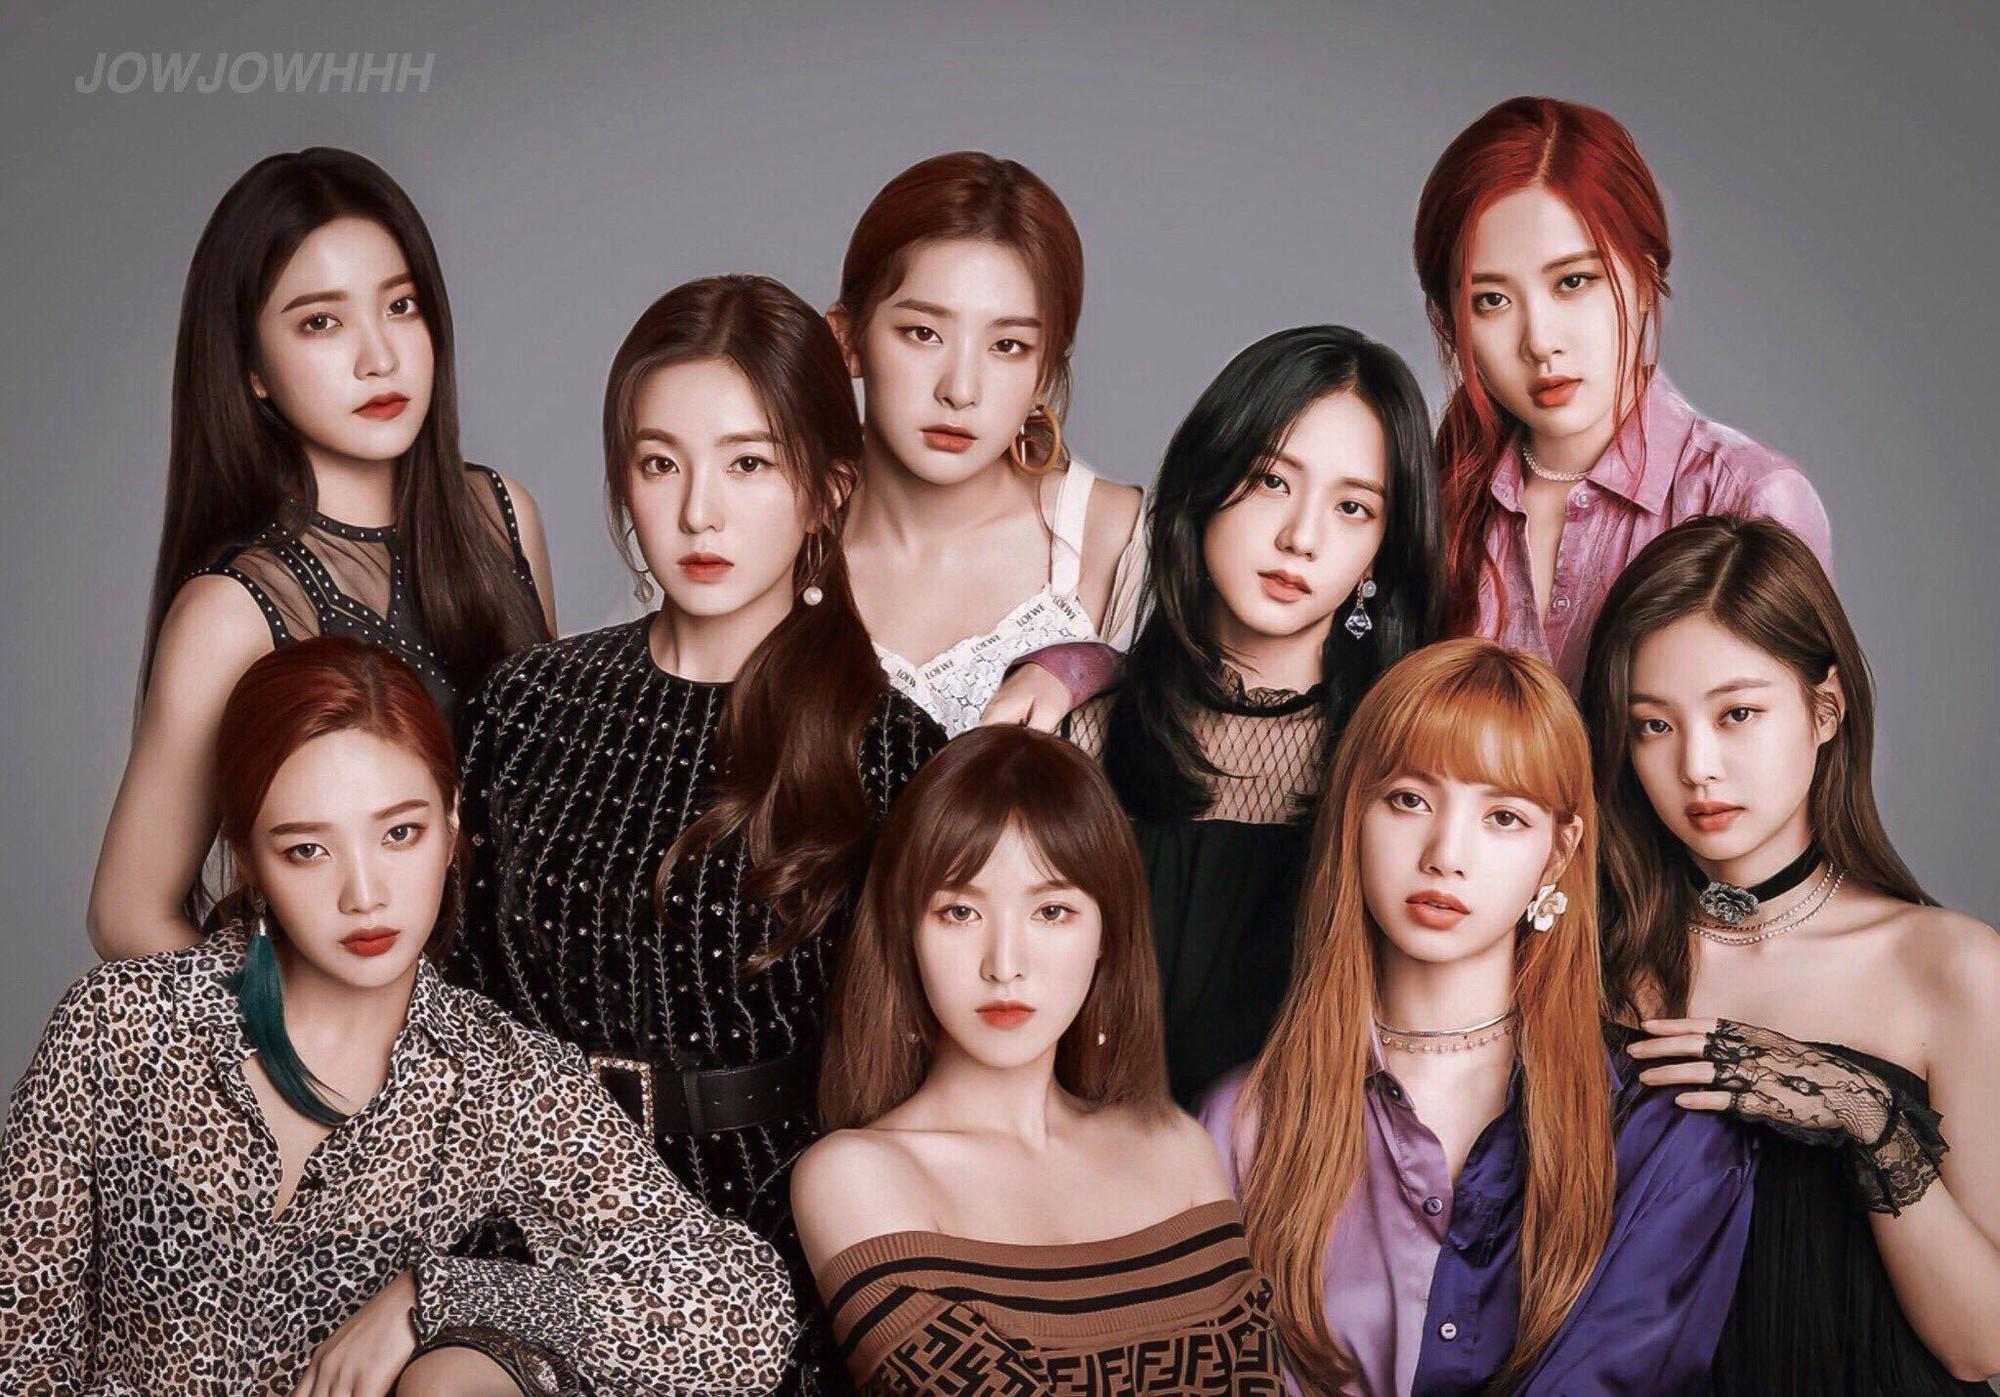 VZN News: Nếu BLACKPINK và Red Velvet hợp thành một nhóm, đây xứng đáng là nhóm nhạc kế nhiệm SNSD, cân tất mọi đối thủ? - Ảnh 1.